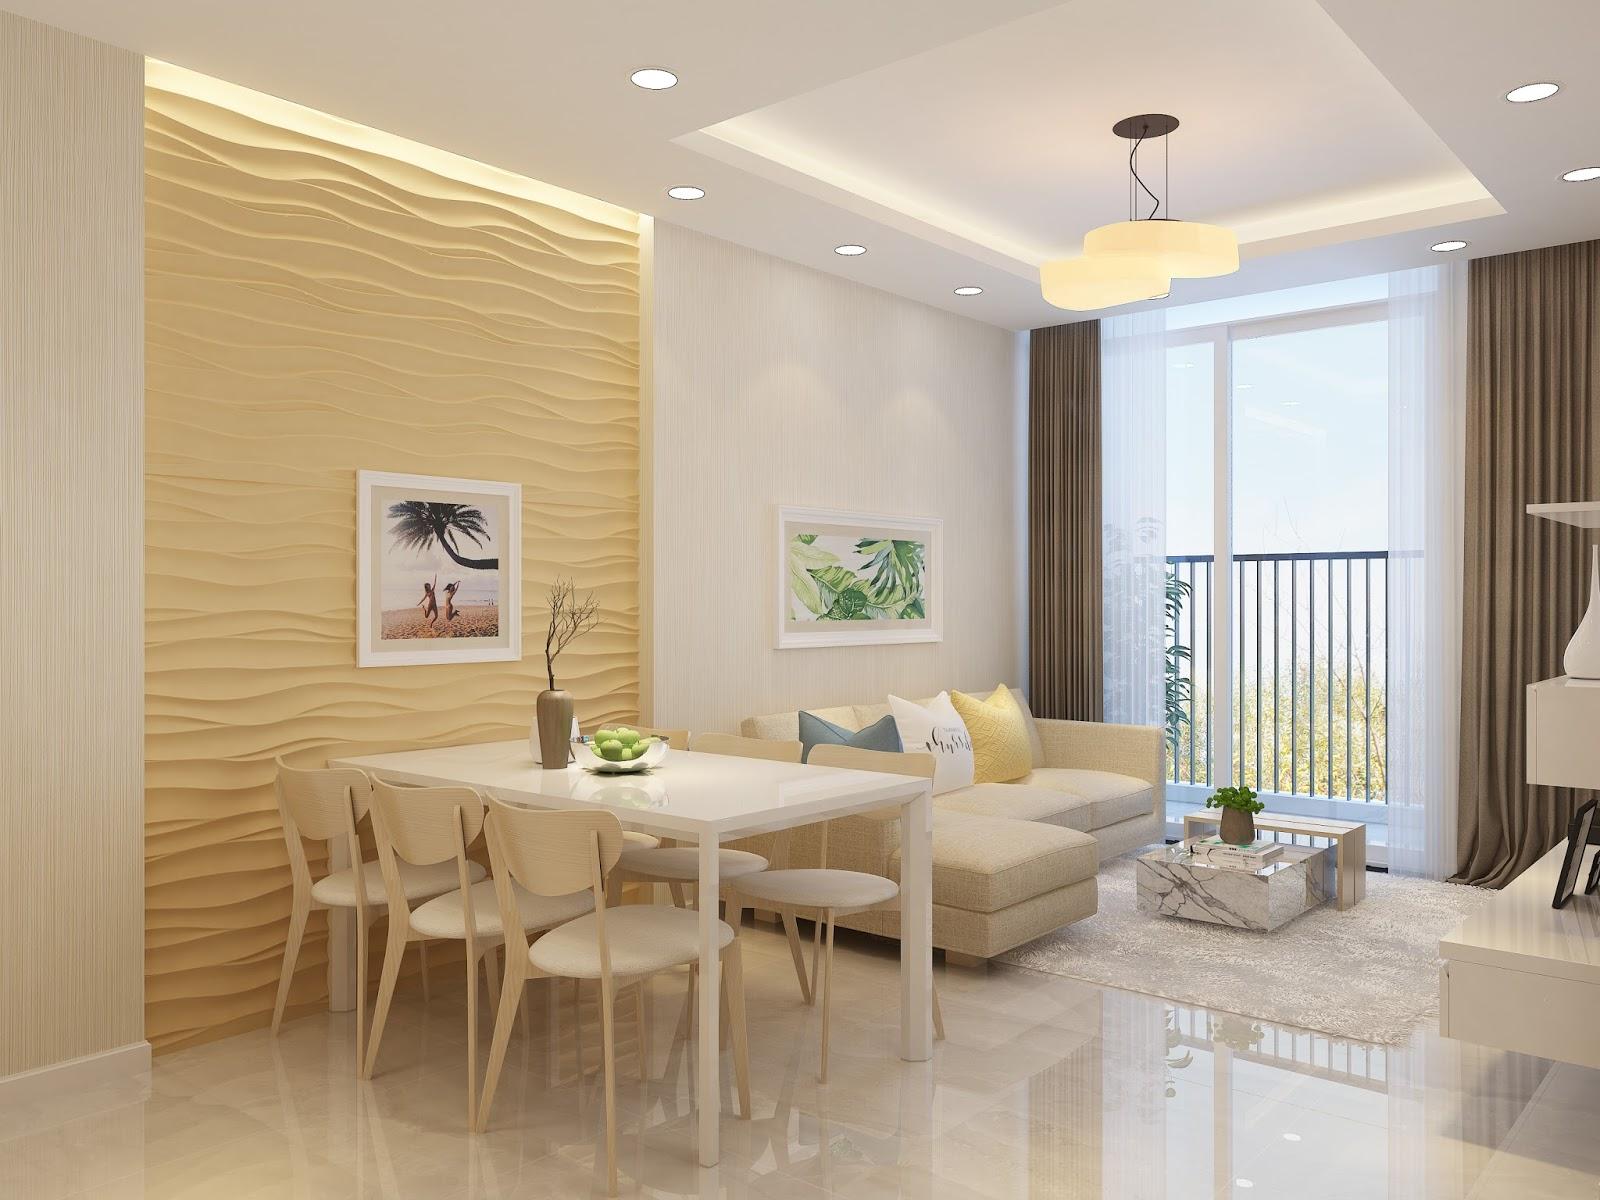 Thiết kế phòng khách căn hộ Mỹ Đình Pearl